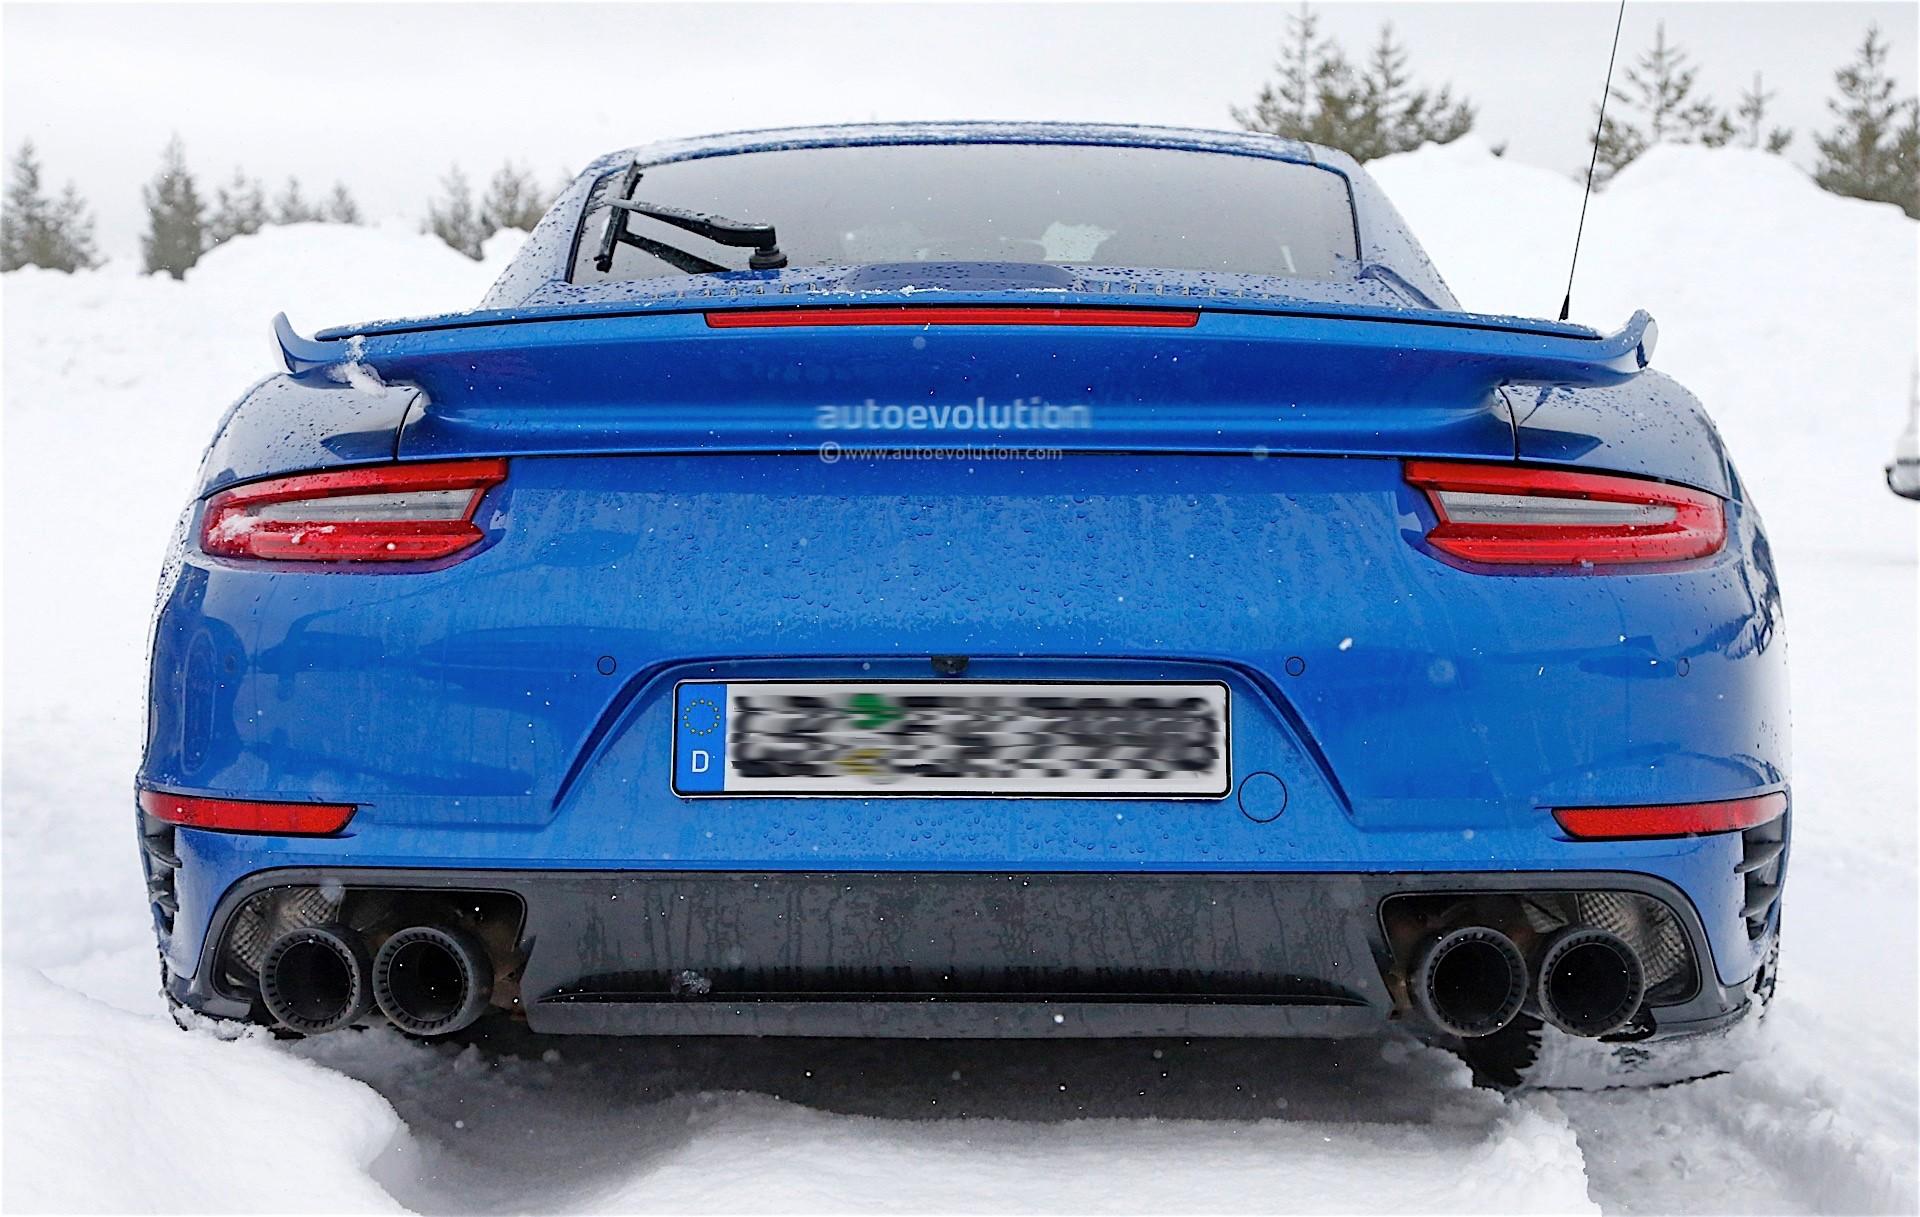 porsche-911-gt2-what-we-know-so-far_1 Stunning Porsche 911 Gt2 Body Kit Cars Trend